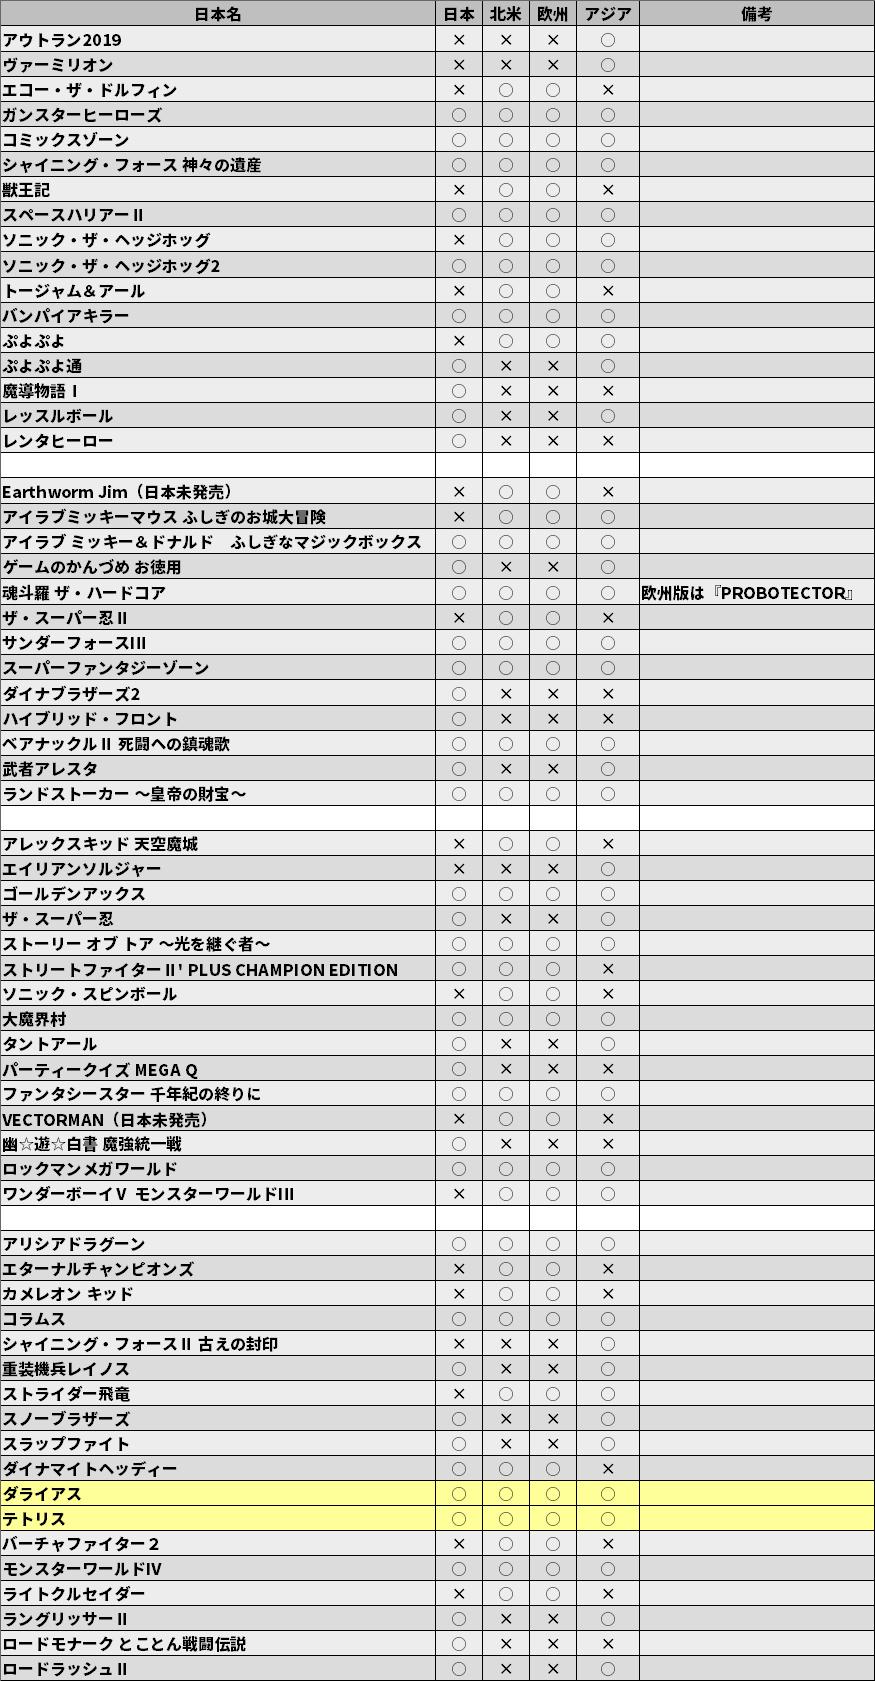 ドライブ ミニ アジア メガ